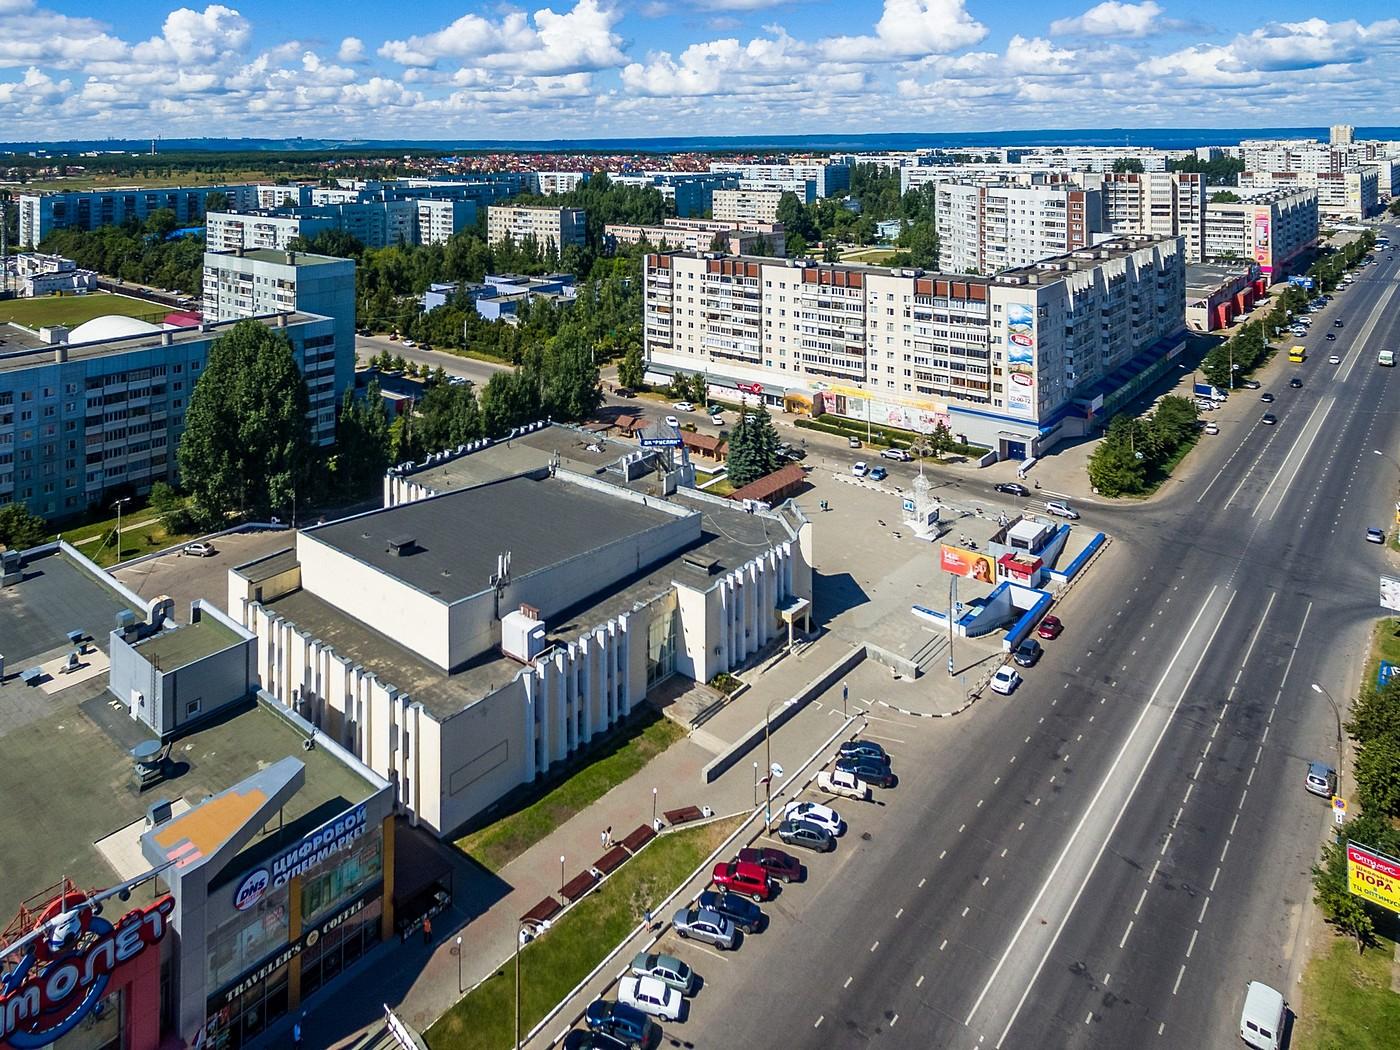 нот октавы фото нового города ульяновска непобедимыми они